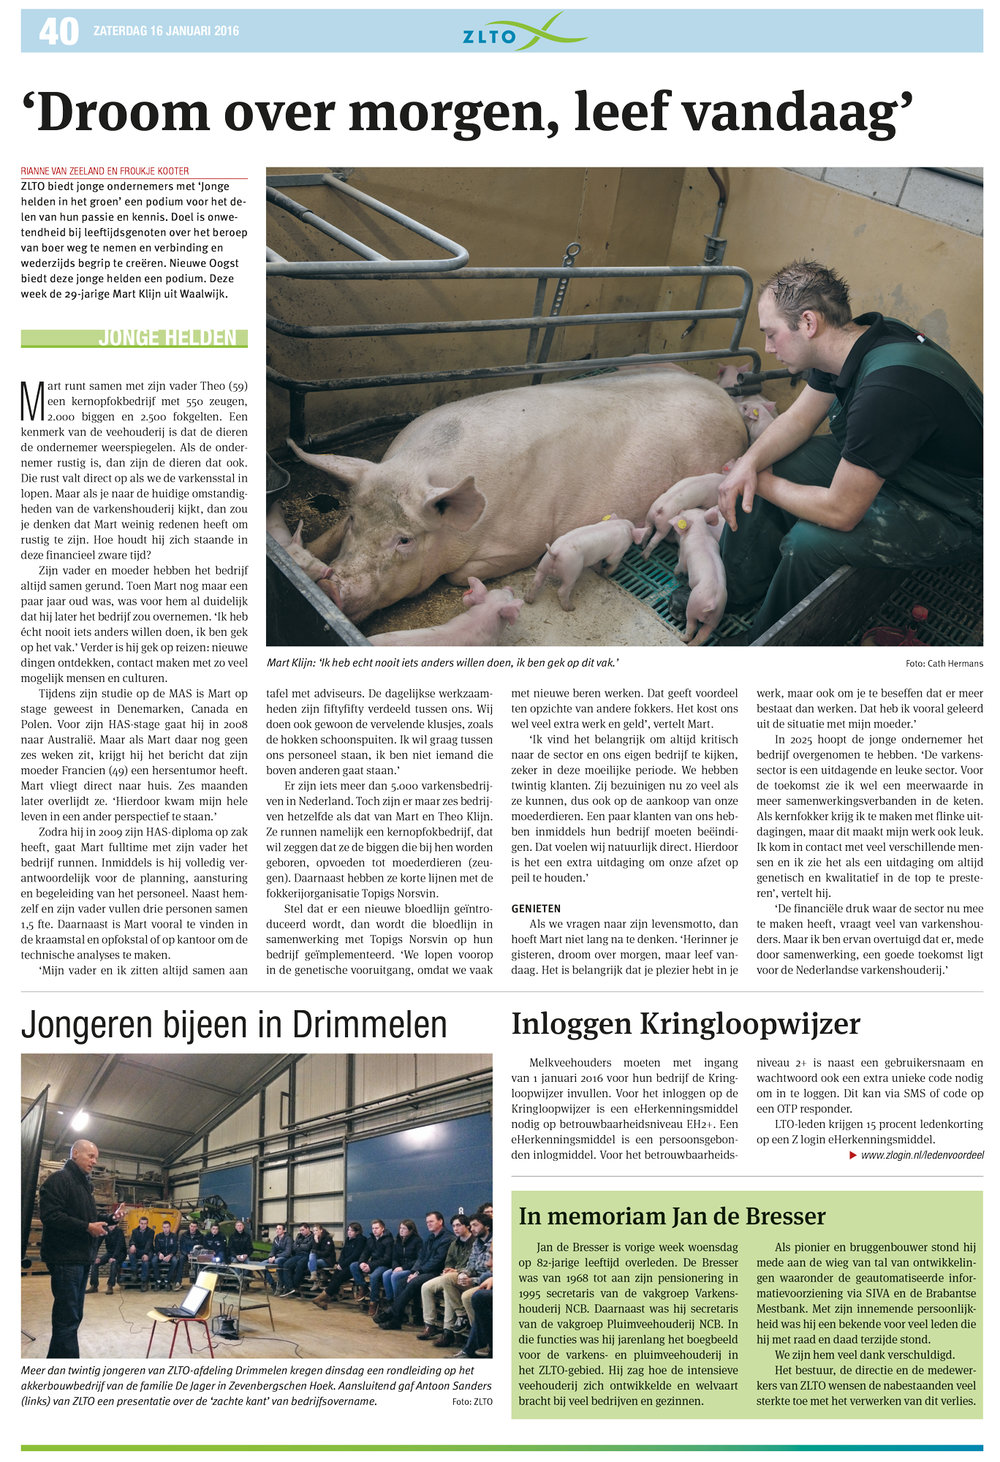 Nieuweoogst-Martklijn-16-01-16.jpg